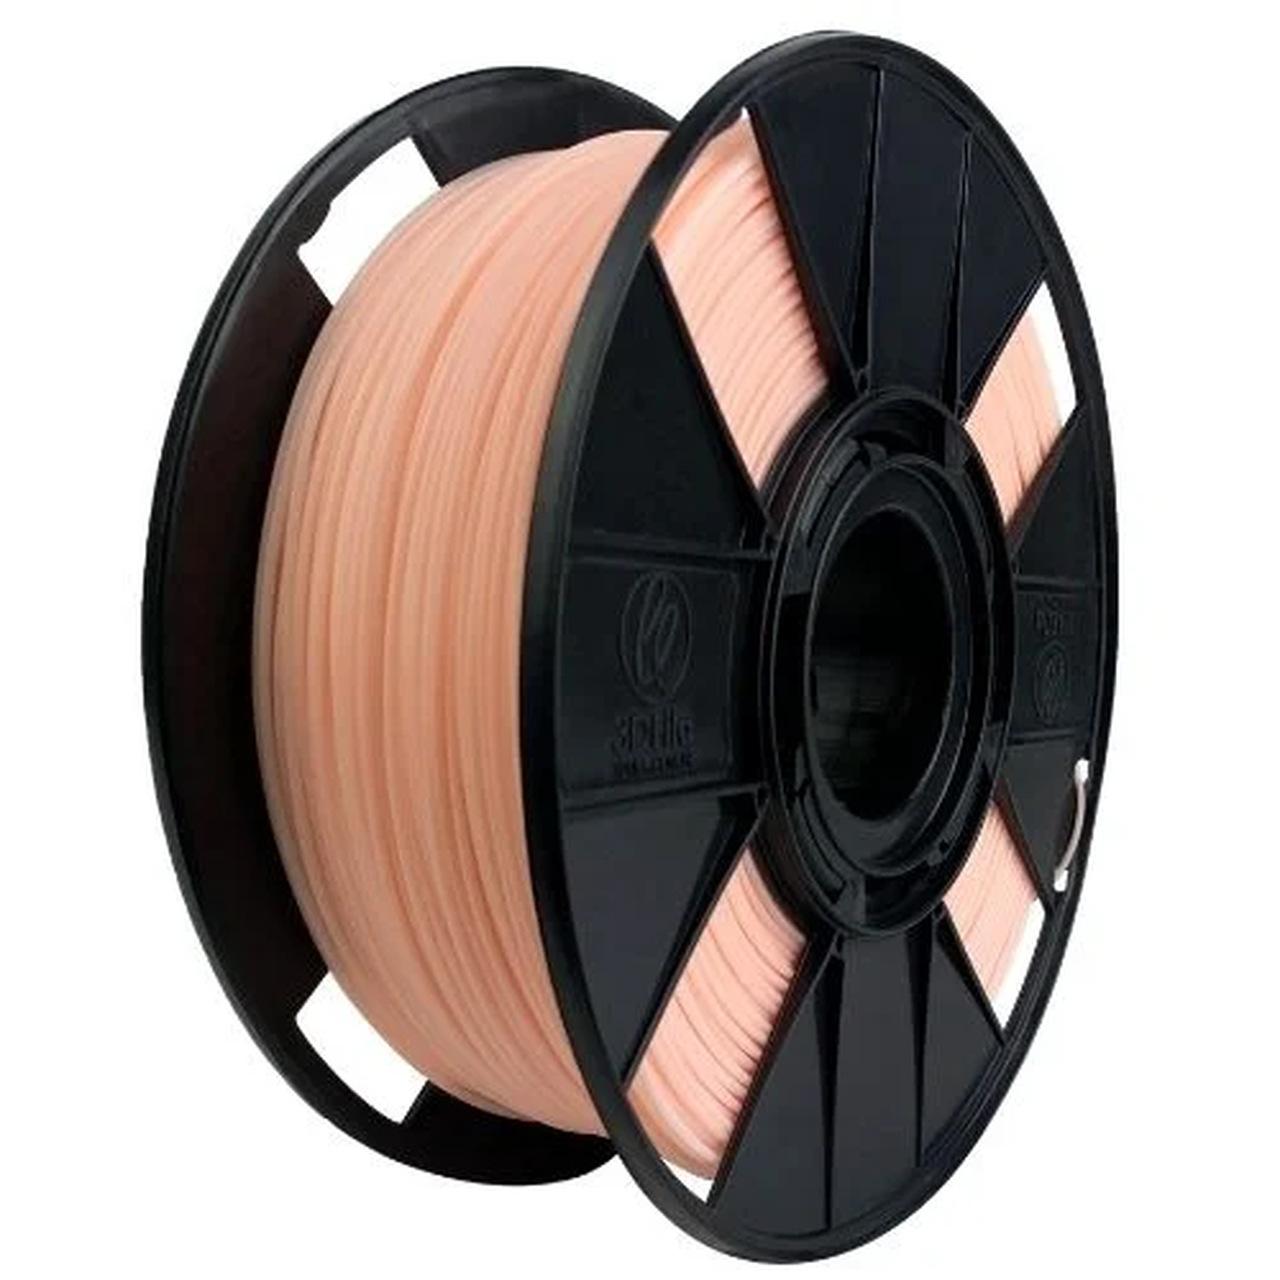 Filamento PLA Basic - Rosa Salmão - 3D Fila - 1.75mm - 1kg